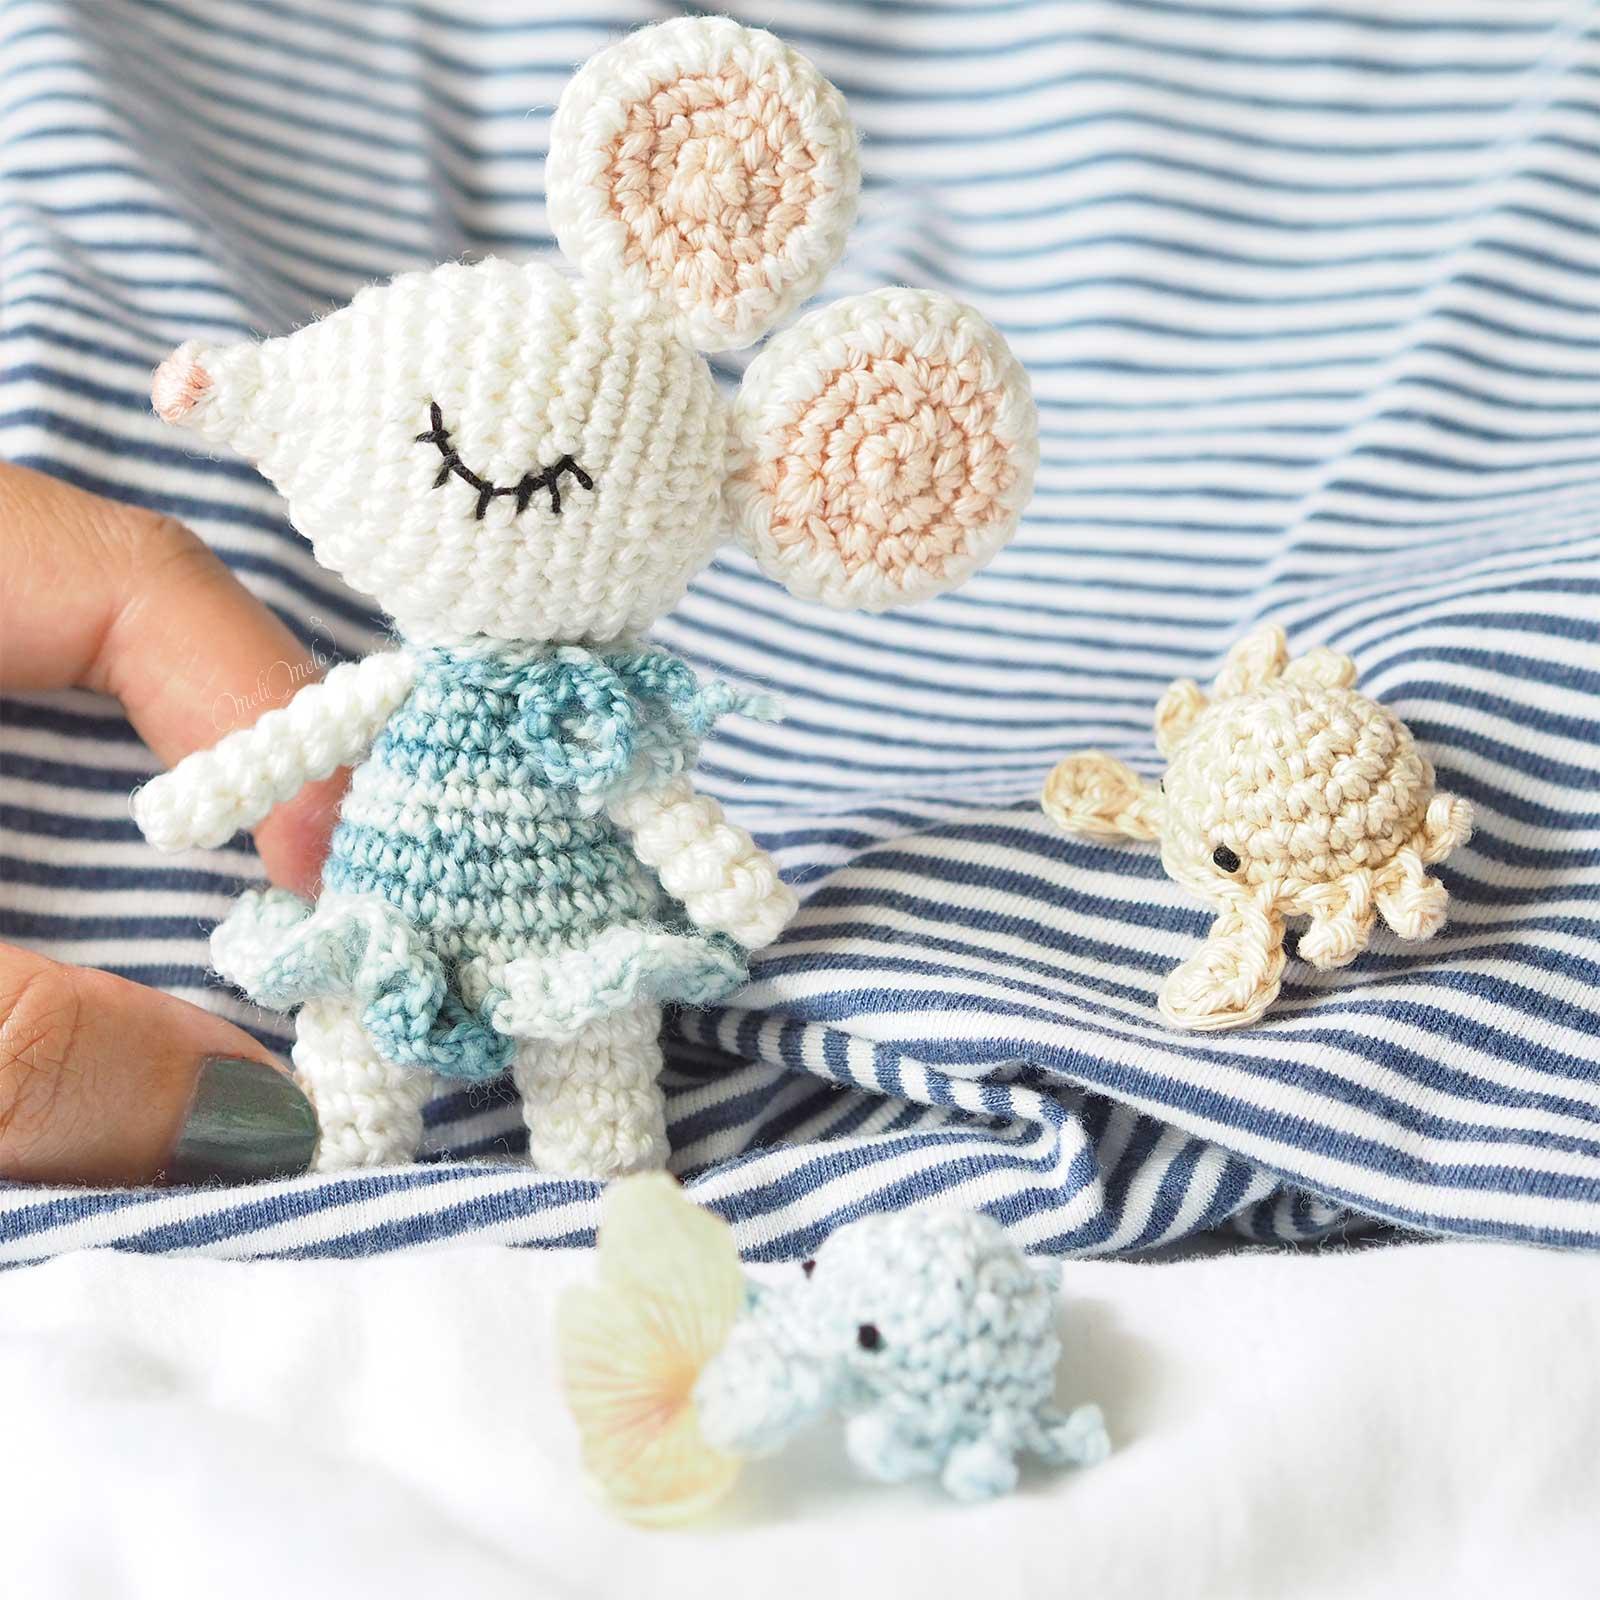 mini-souris-crabes-crochet-amigurumis-laboutiquedemelimelo